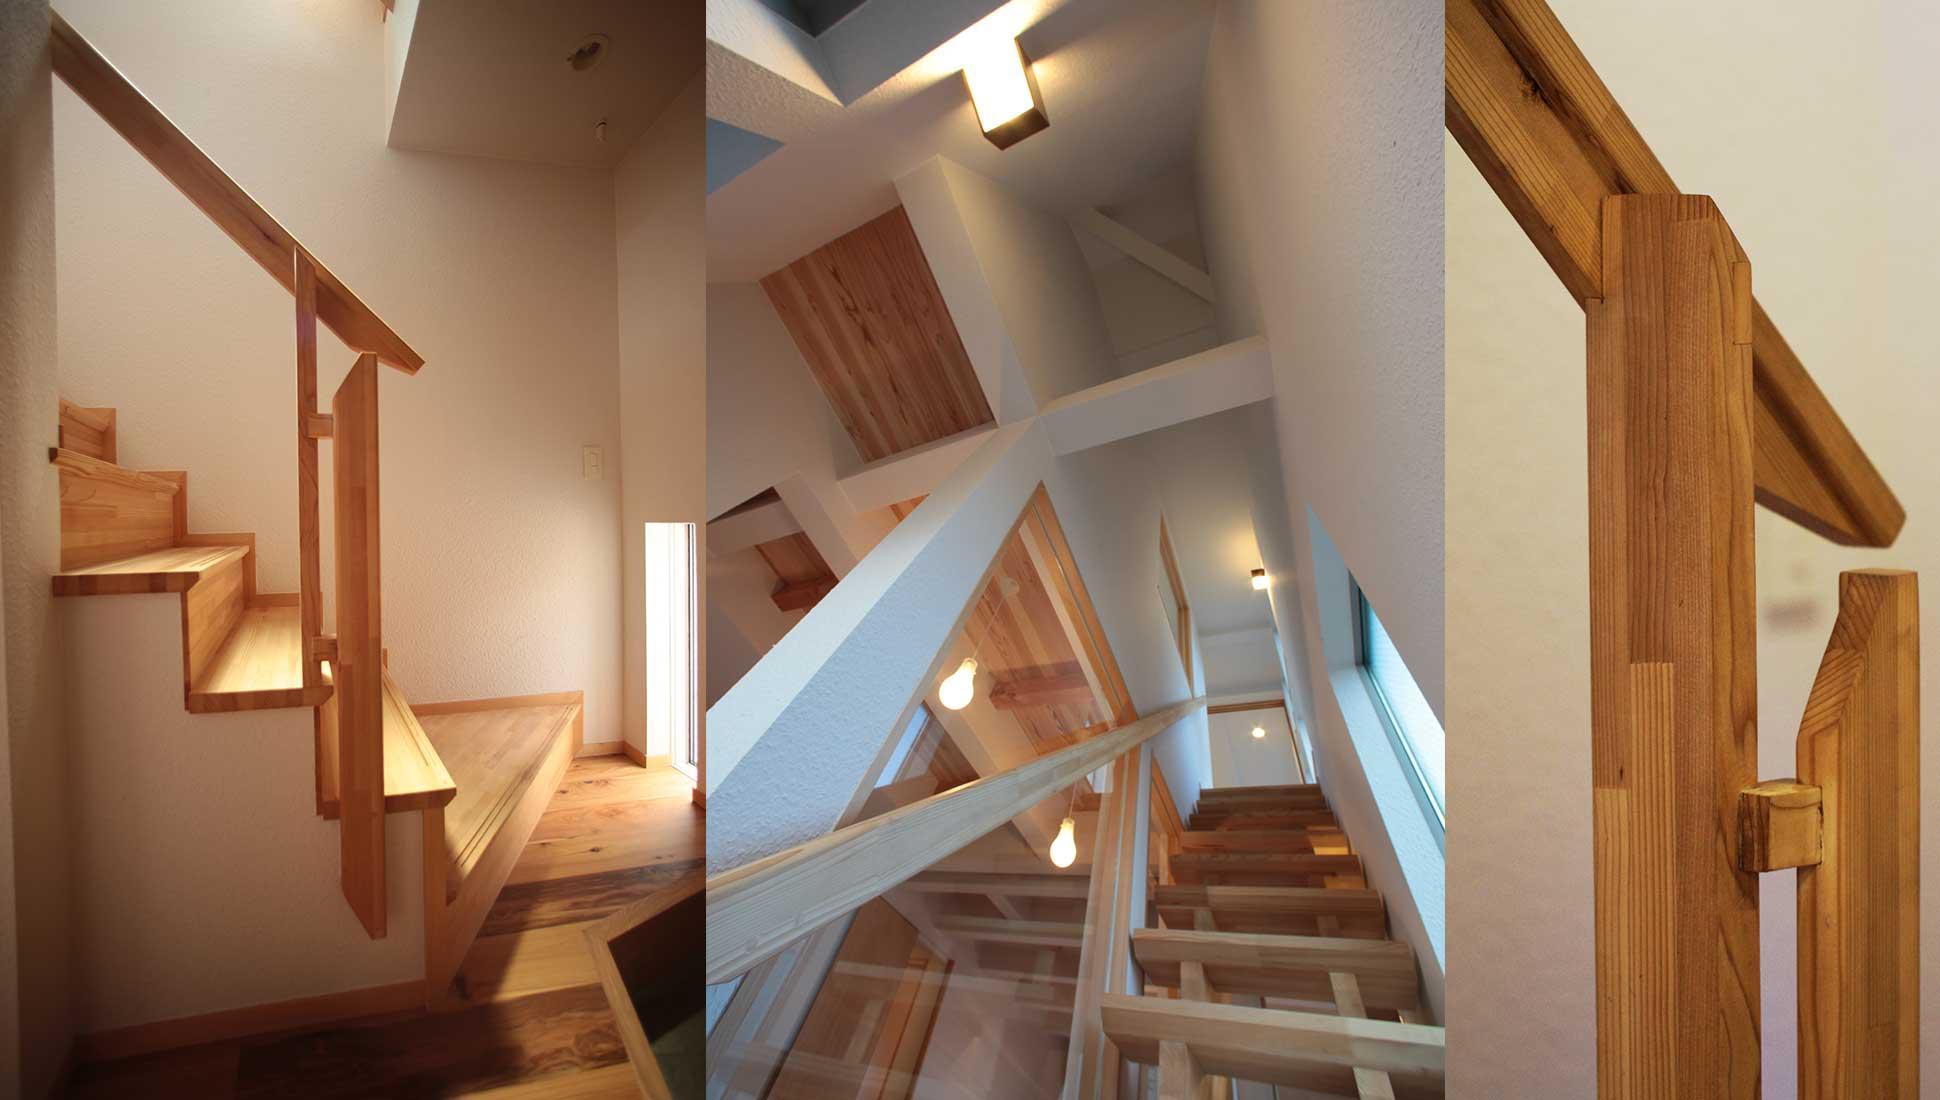 手摺デザイン,天井のデザイン:Jパネルと南側階段のデザイン住宅